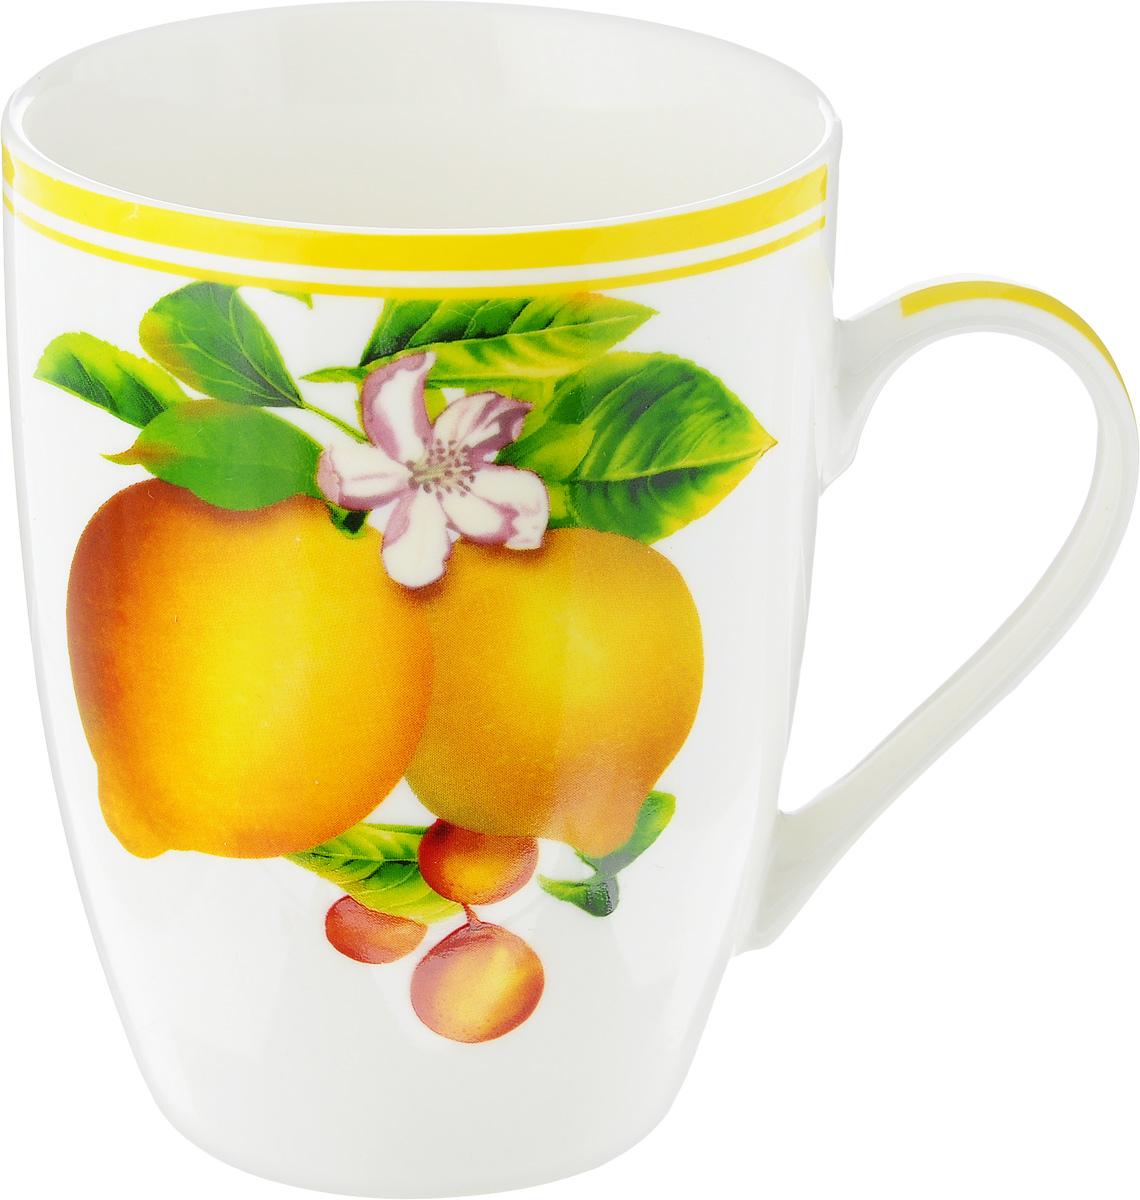 Кружка Liling Quanhu Урожай. Лимоны, 335 млLQB09-Y224_белый_лимоныКружка Liling Quanhu Урожай. Лимоны выполнена из высококачественного фарфора с глазурованным покрытием и оформлена изображением лимонов. Такая кружка станет отличным дополнением к сервировке семейного стола и замечательным подарком для ваших родных и друзей. Можно использовать в микроволновой печи и мыть в посудомоечной машине.